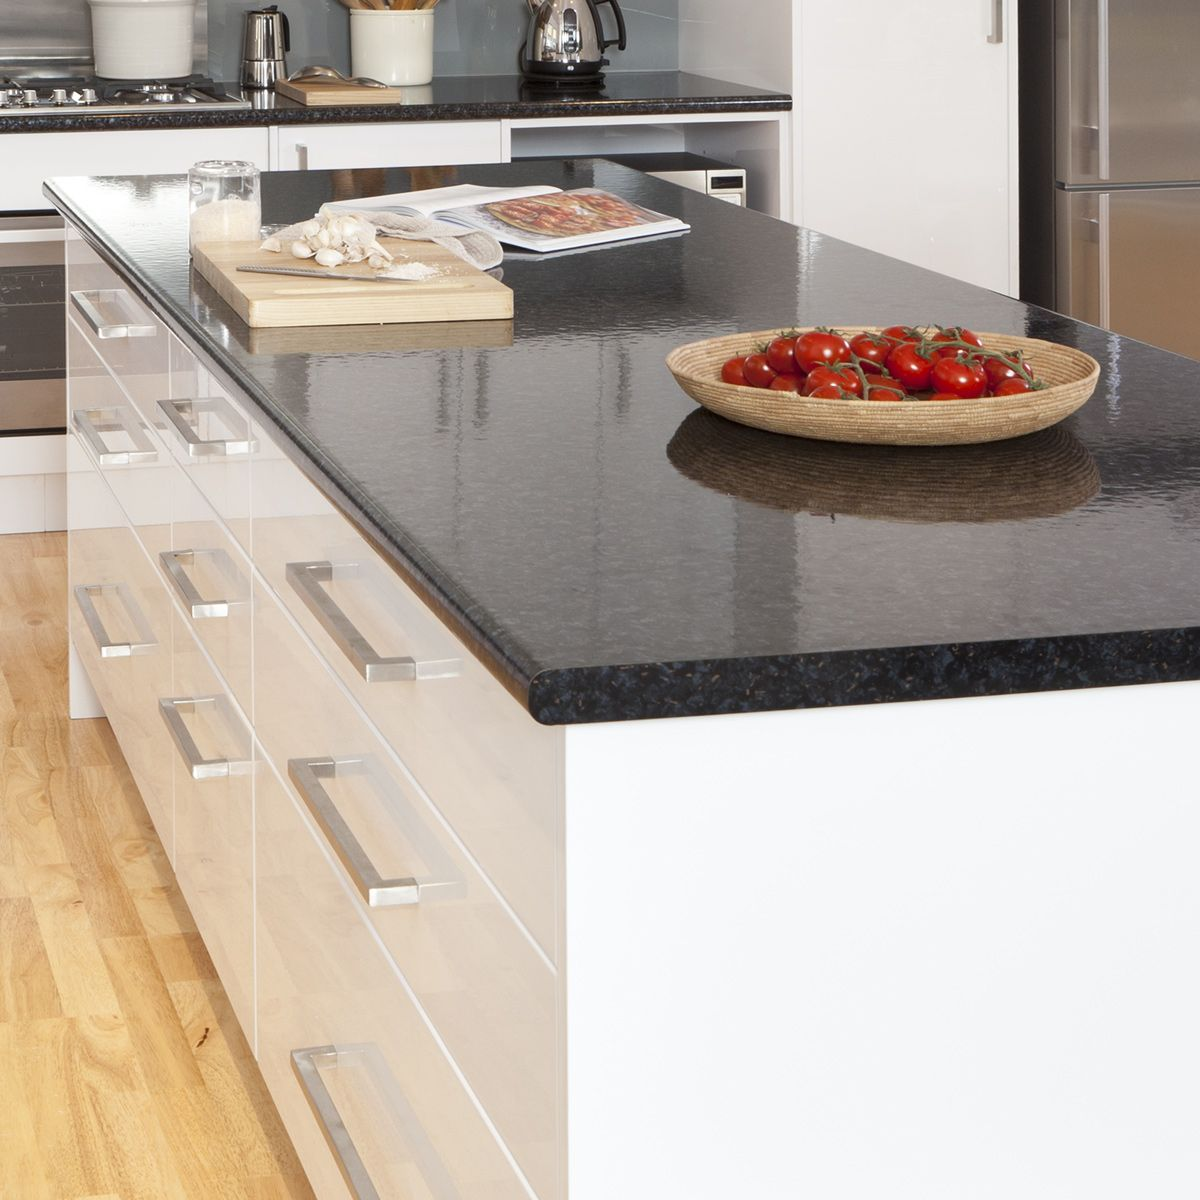 neutral trend kitchen base cabinets kitchen kitchen design on kaboodle kitchen microwave id=86151